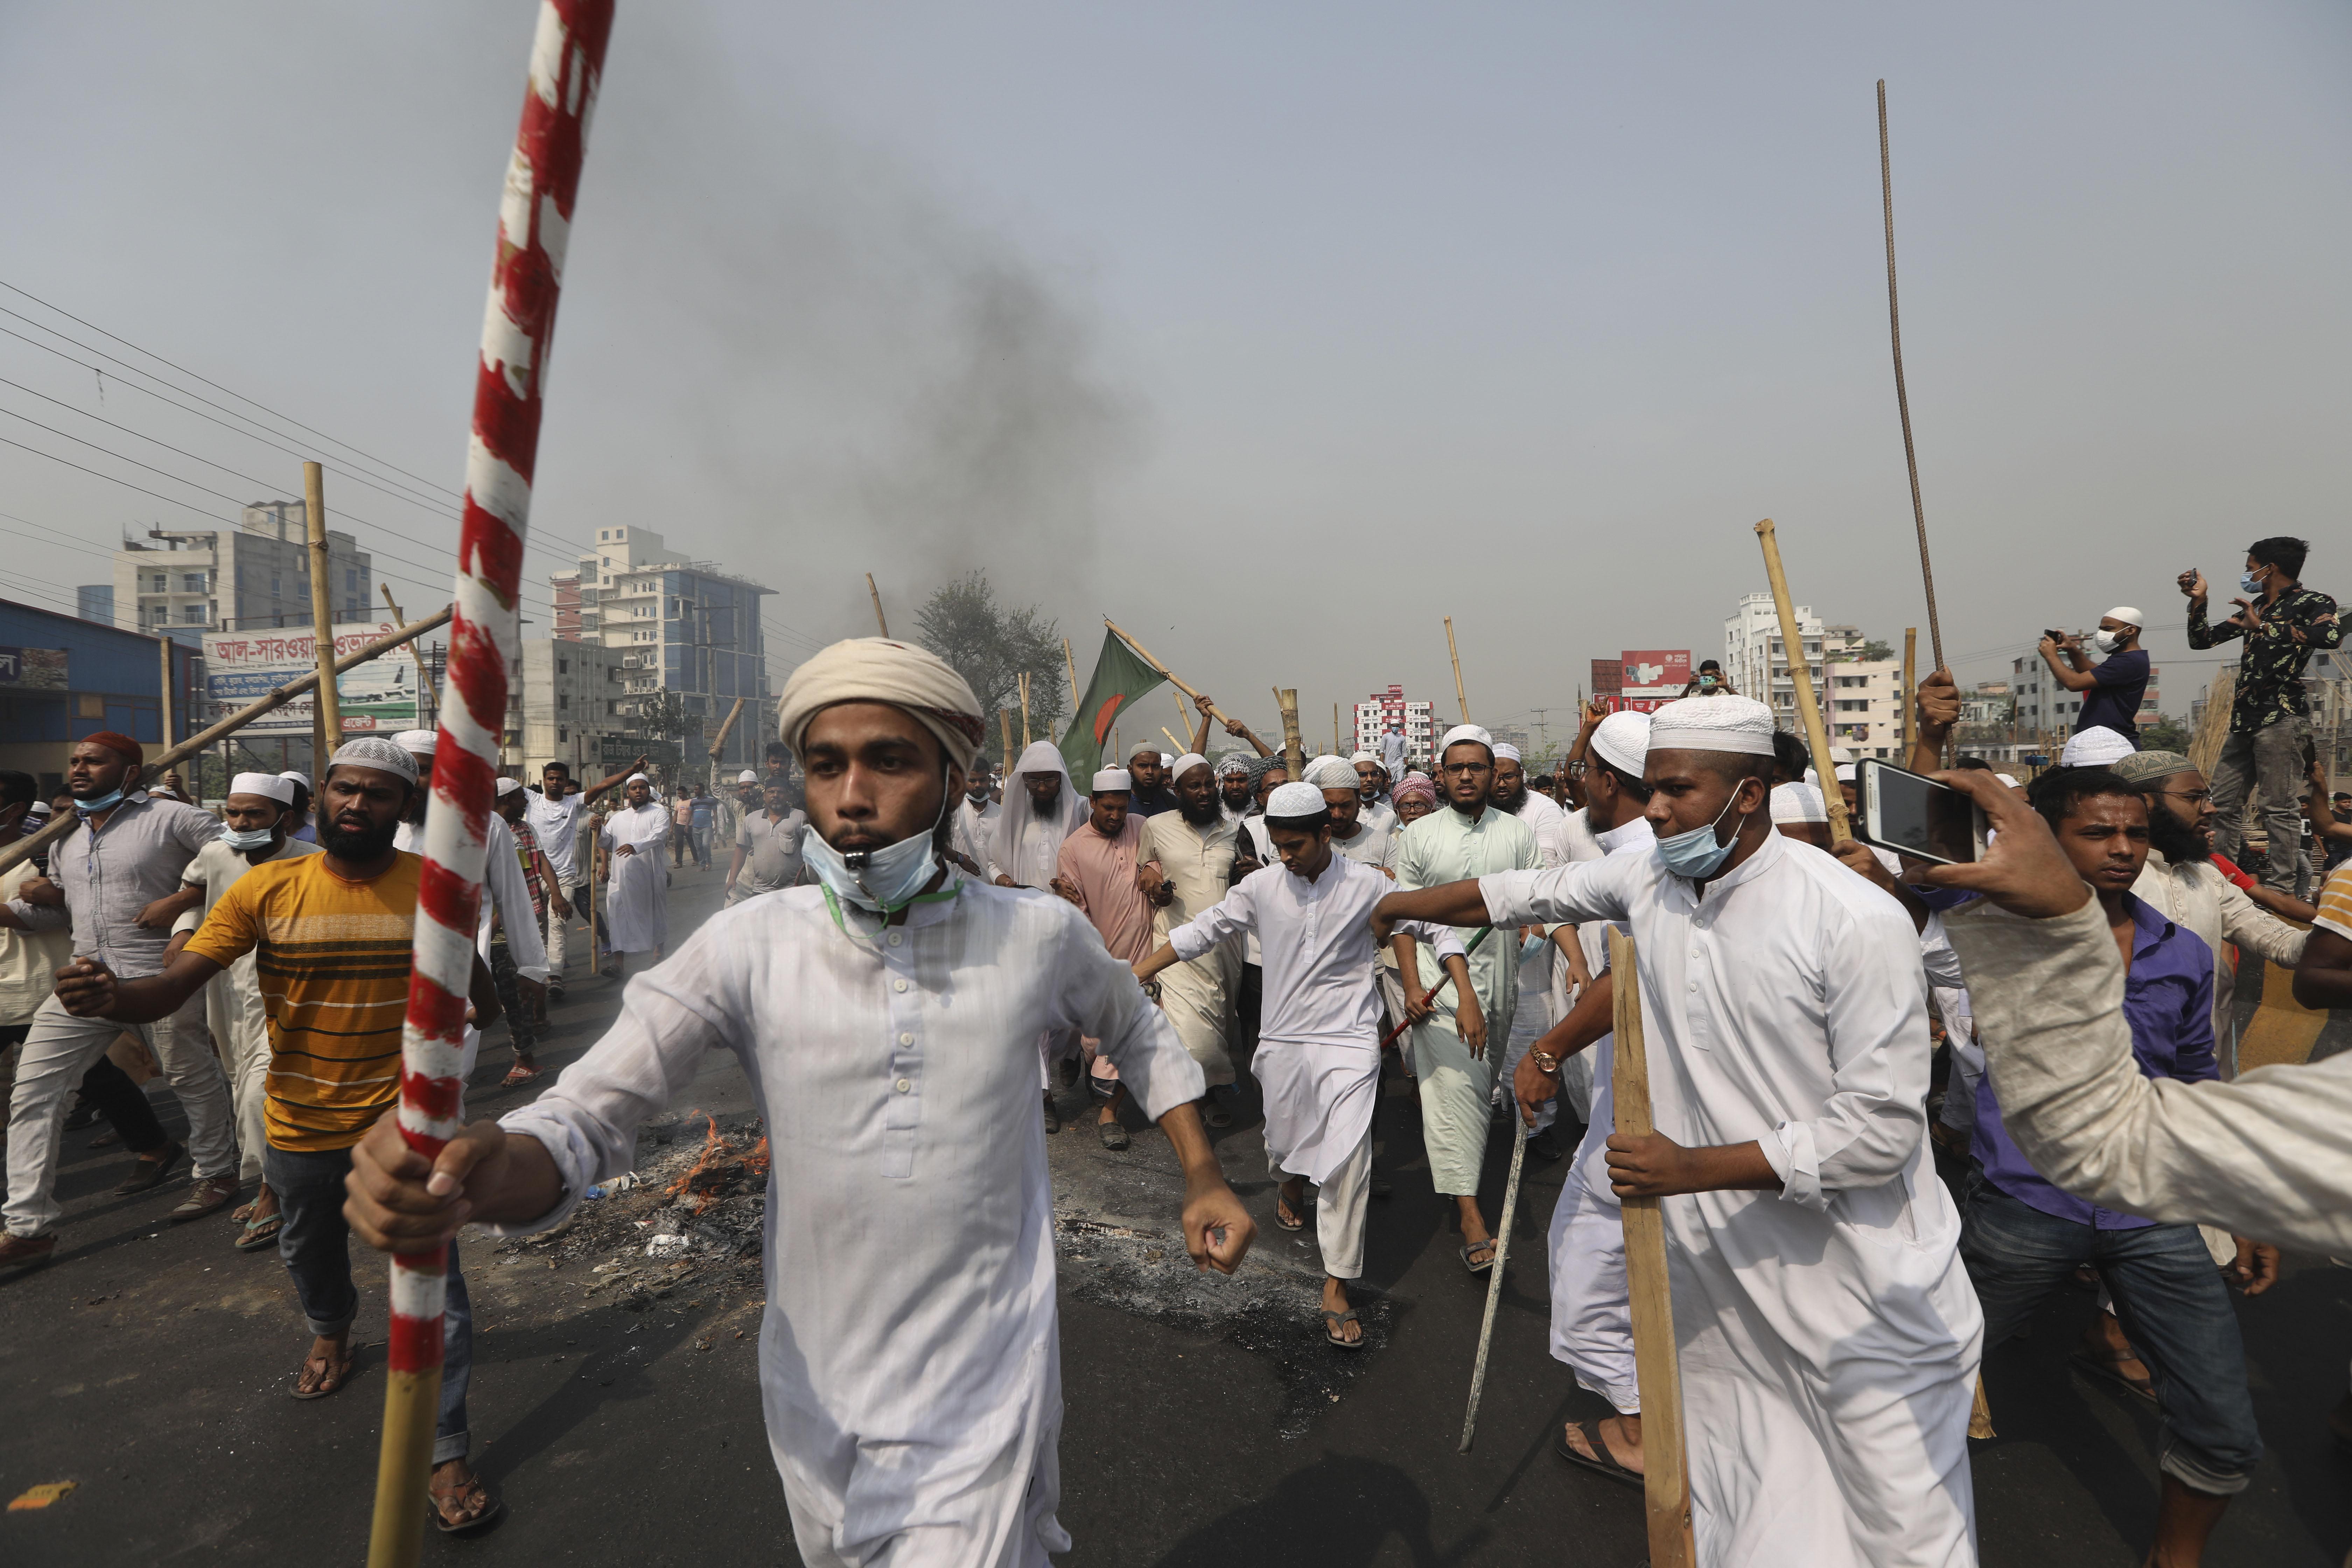 बांग्लादेश के इस्लामिक ग्रुप हिफाजत-ए-इस्लाम ने 28 मार्च को एक दिन की देशव्यापी हड़ताल की थी।